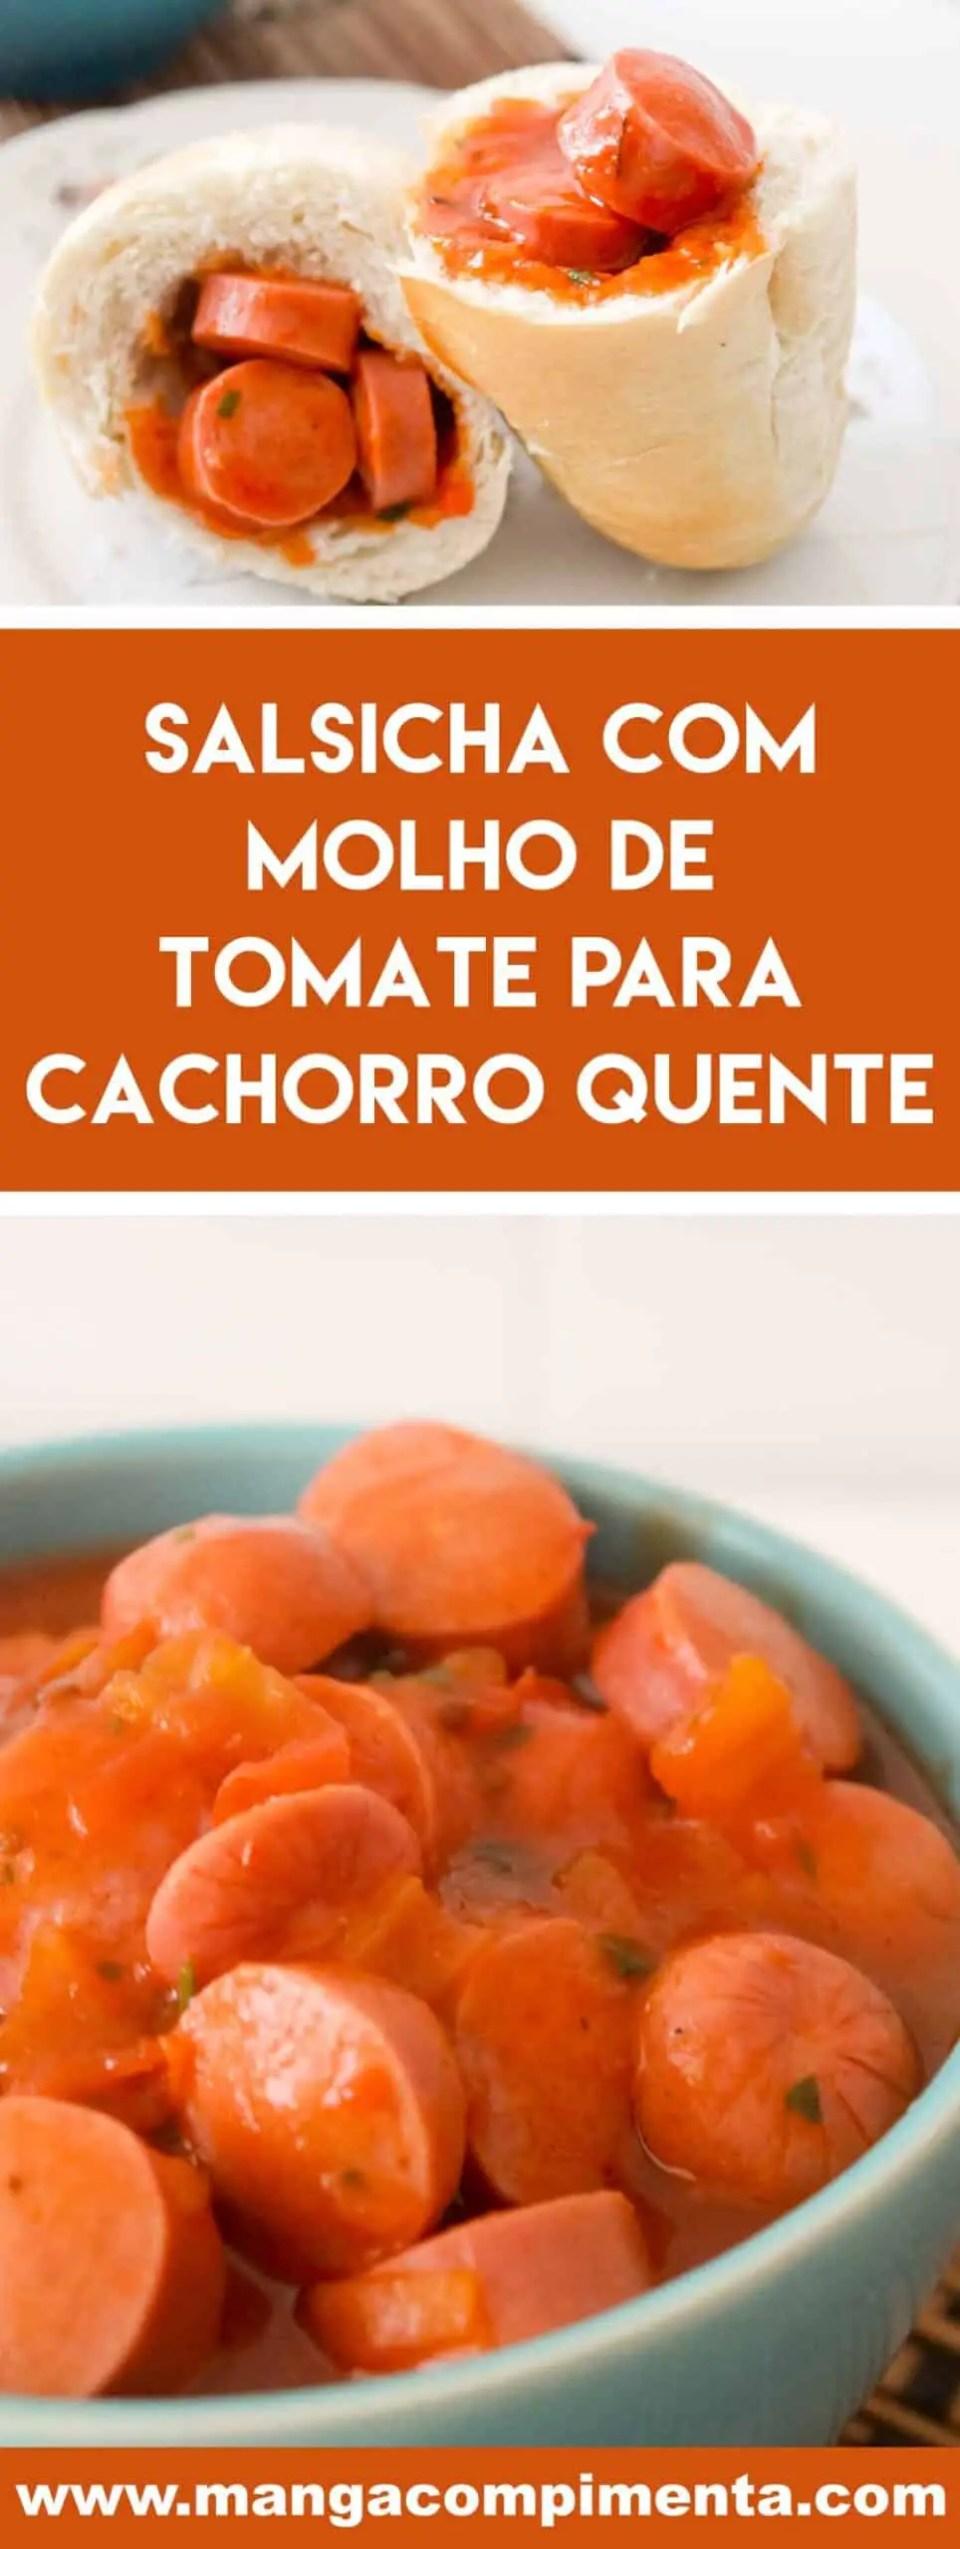 Receita de Salsicha com Molho de Tomate para cachorro quente - prepare essa delícia para o lanche da galerinha.